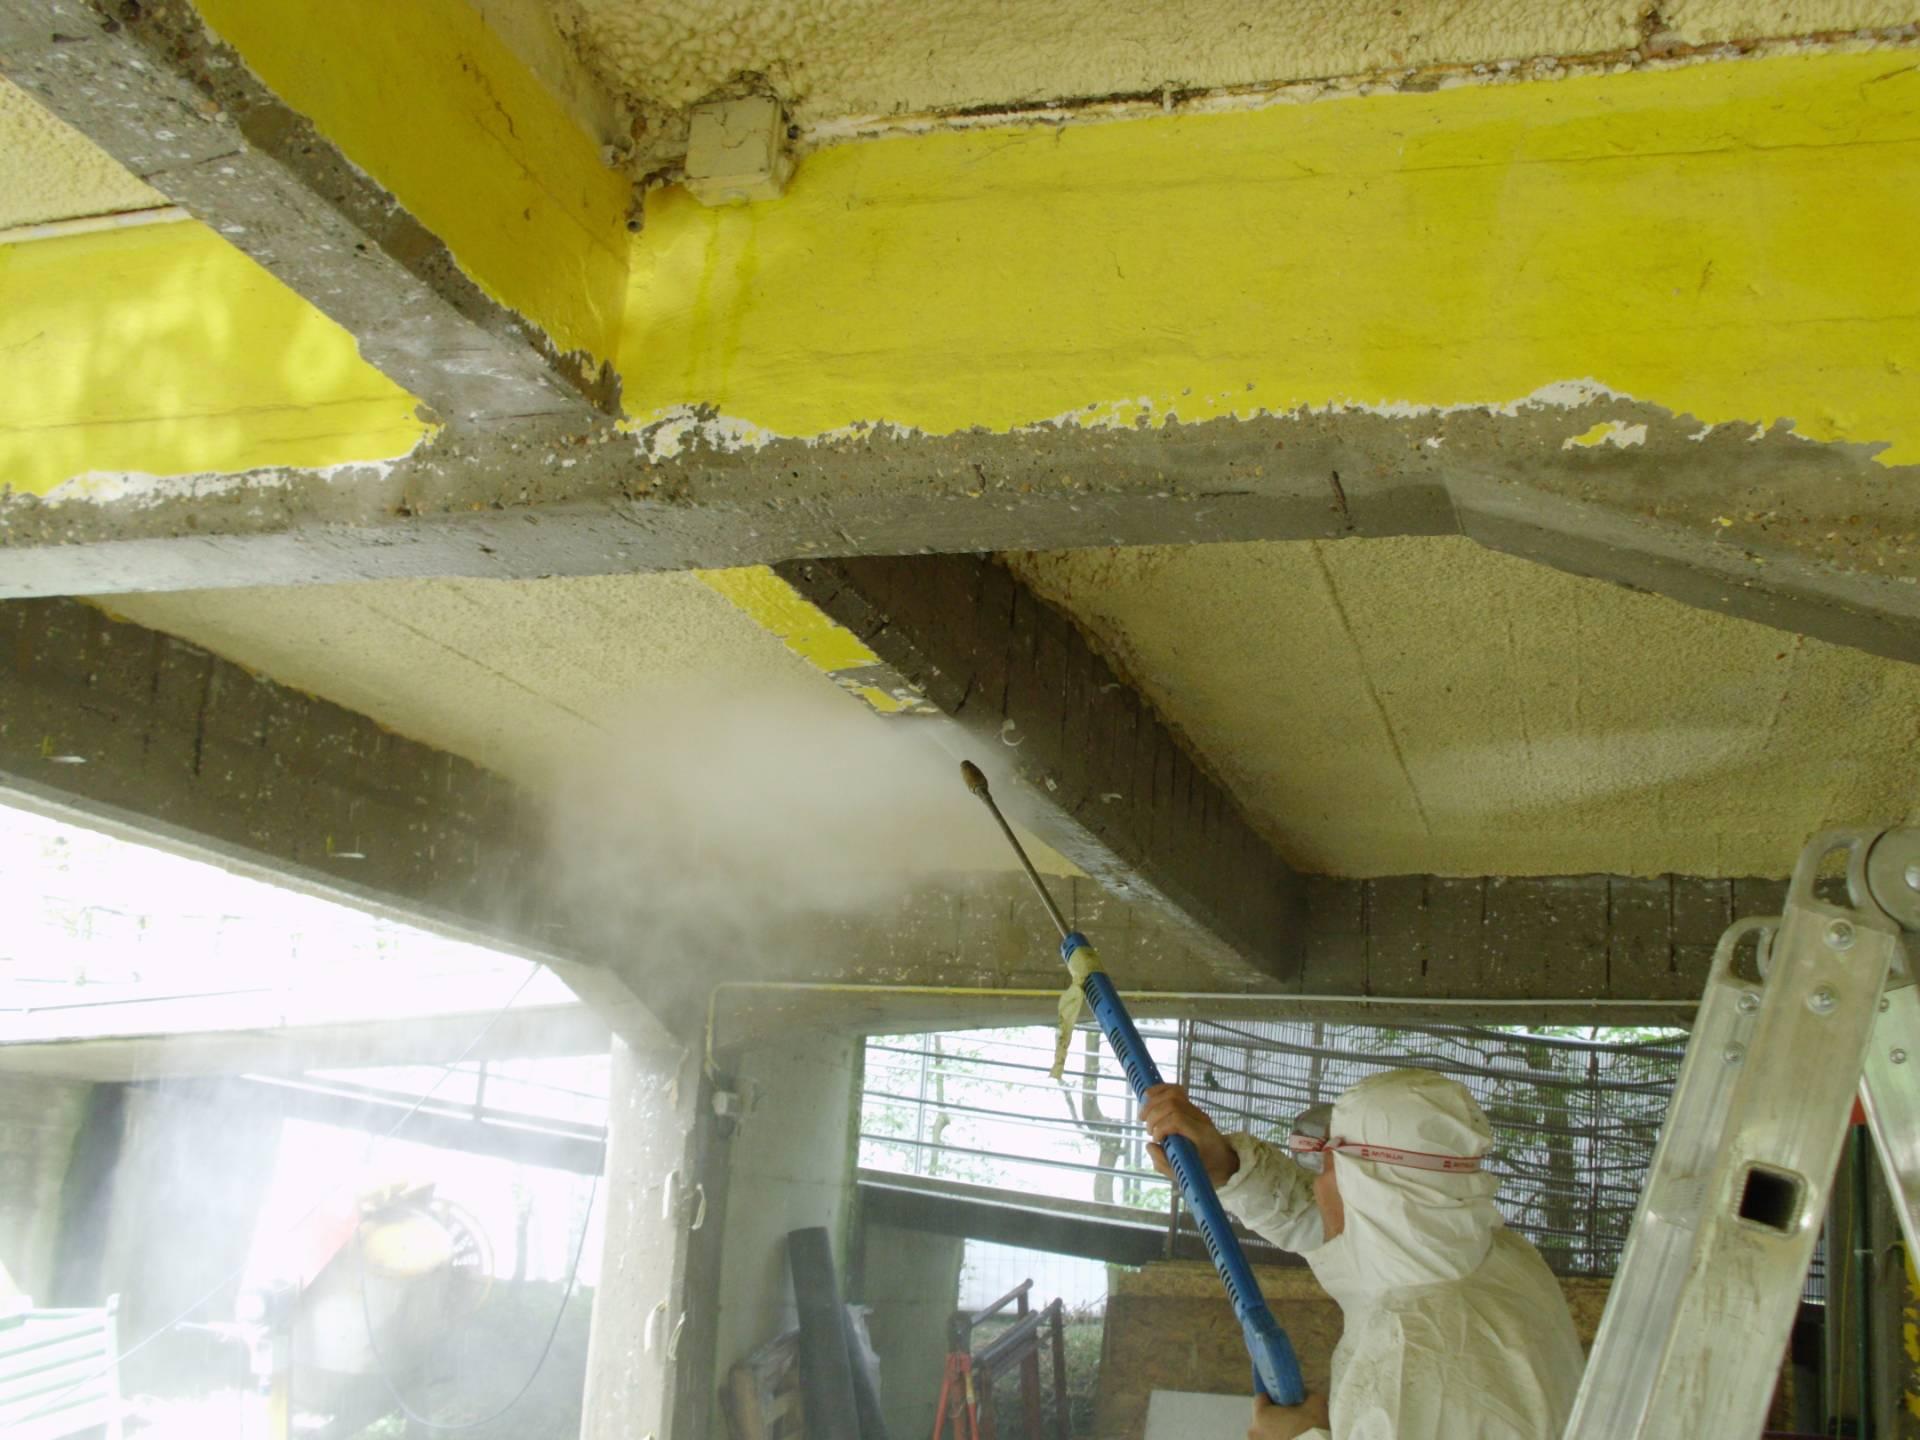 Esempio di rimozione e pulizia del c.a. in fase di distacco, prima della passivazione dei ferri d'armatura - ITON SRL